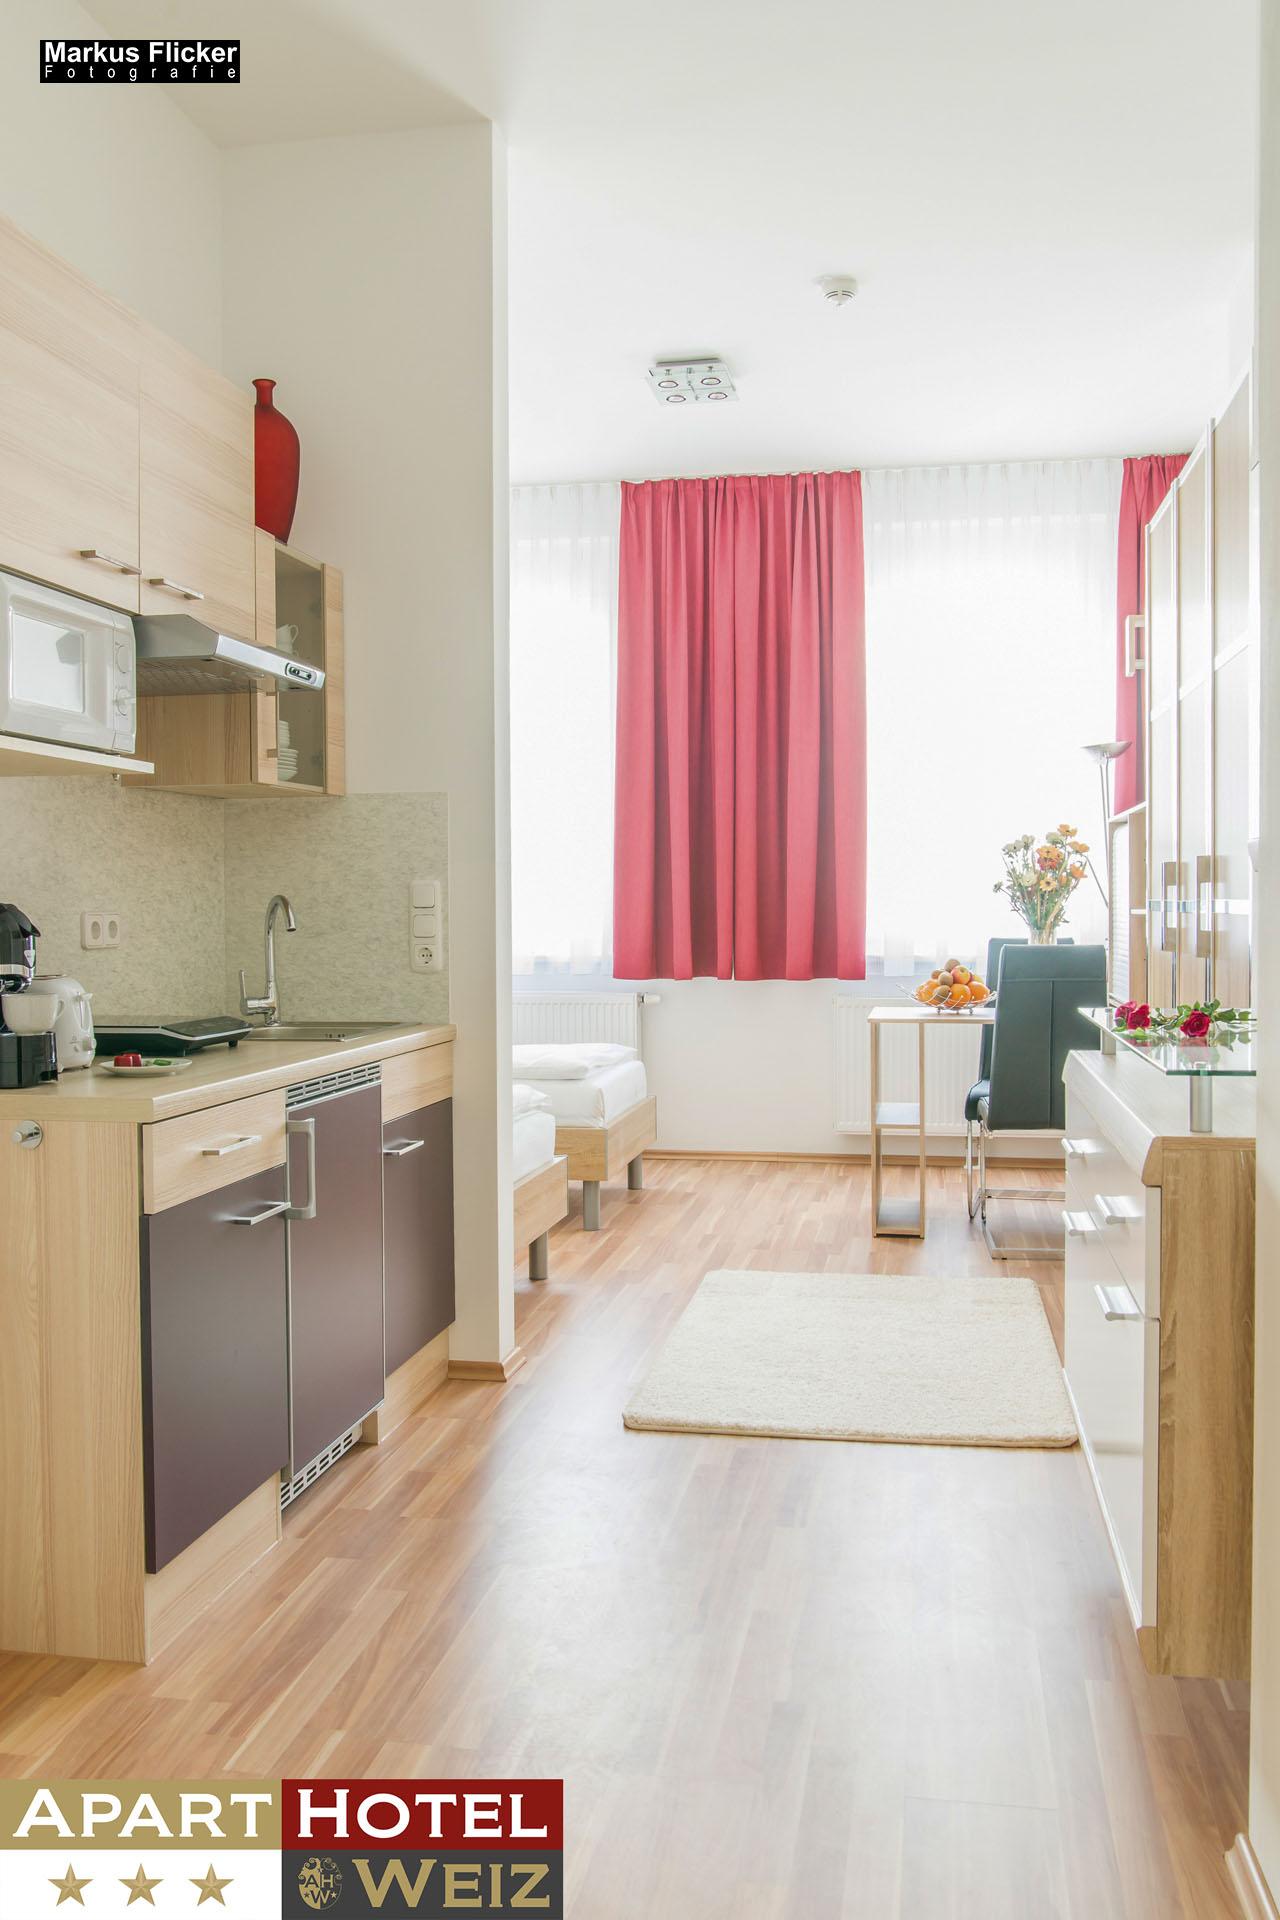 ApartHotel Weiz